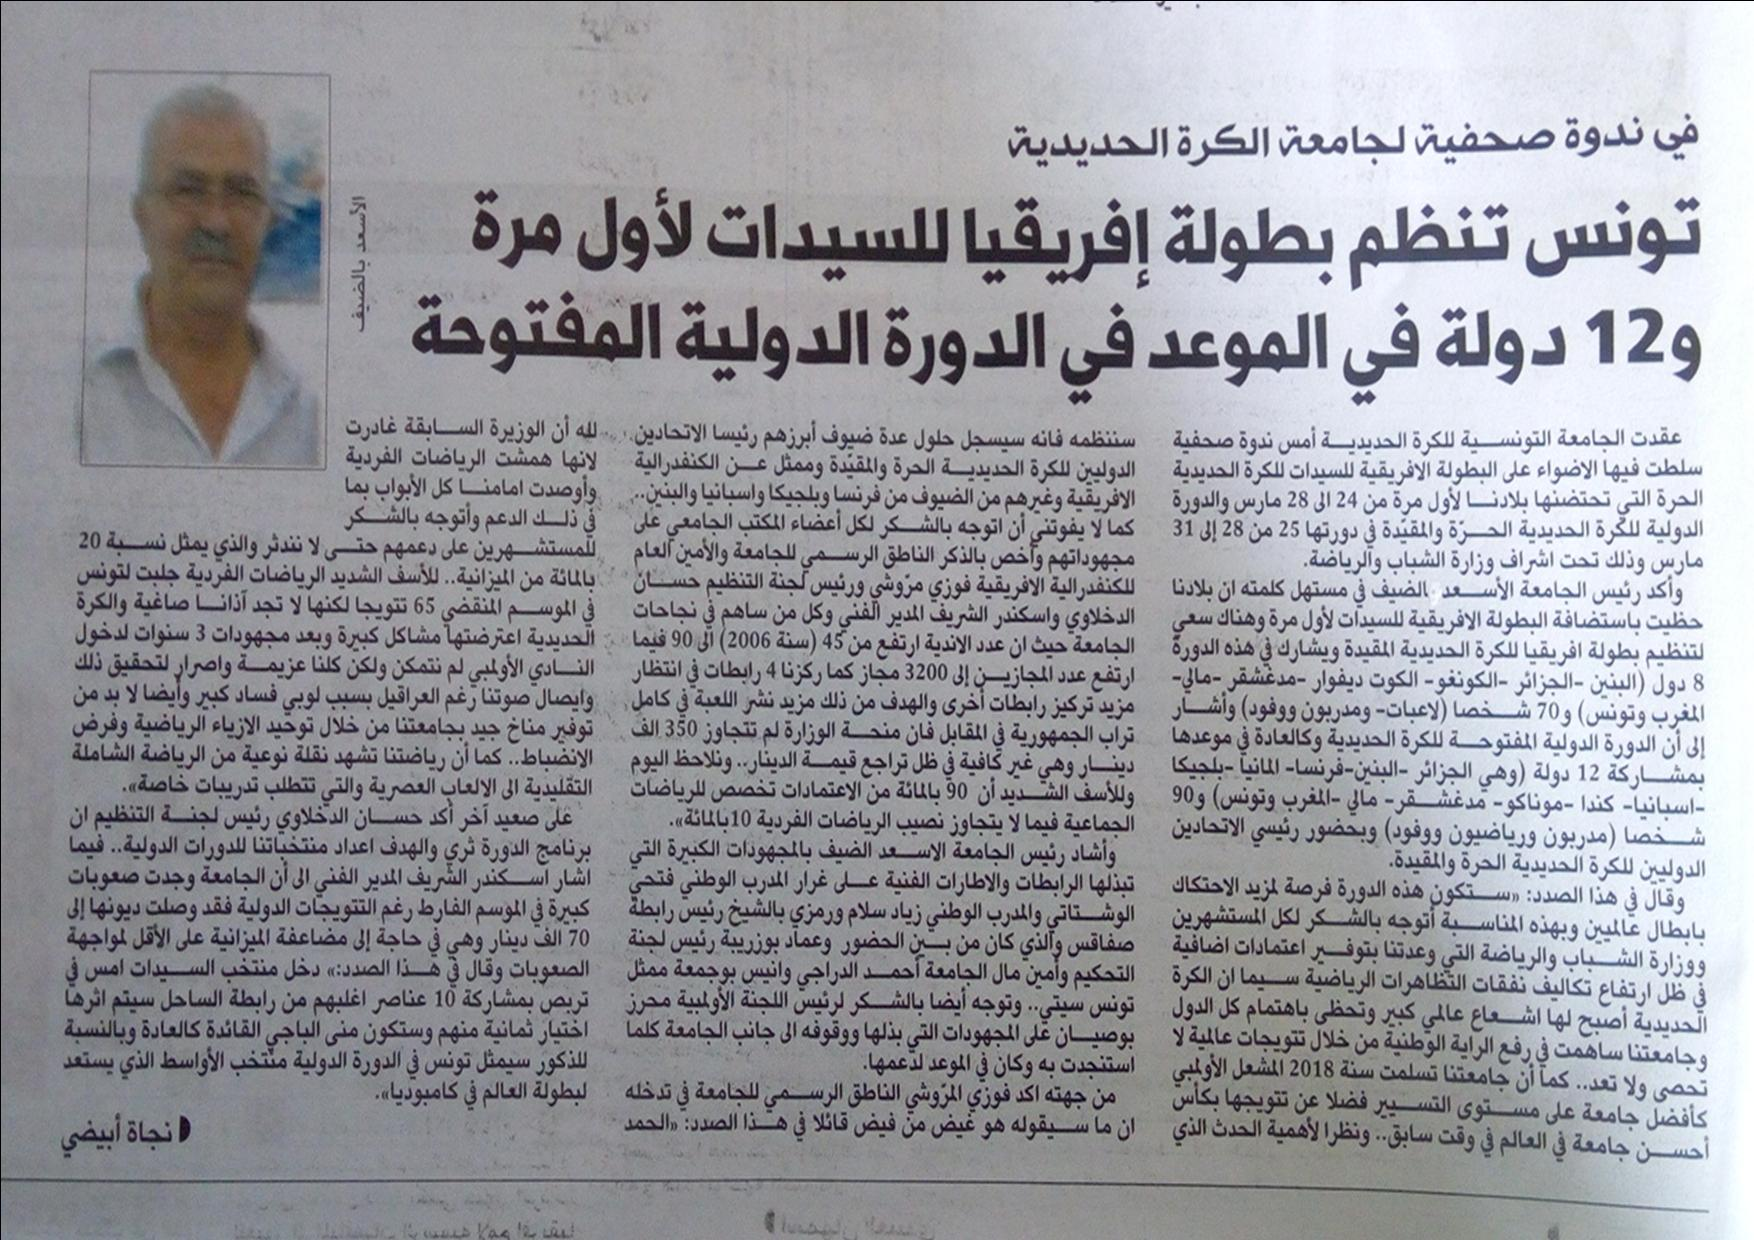 مقال جريدة الصباح